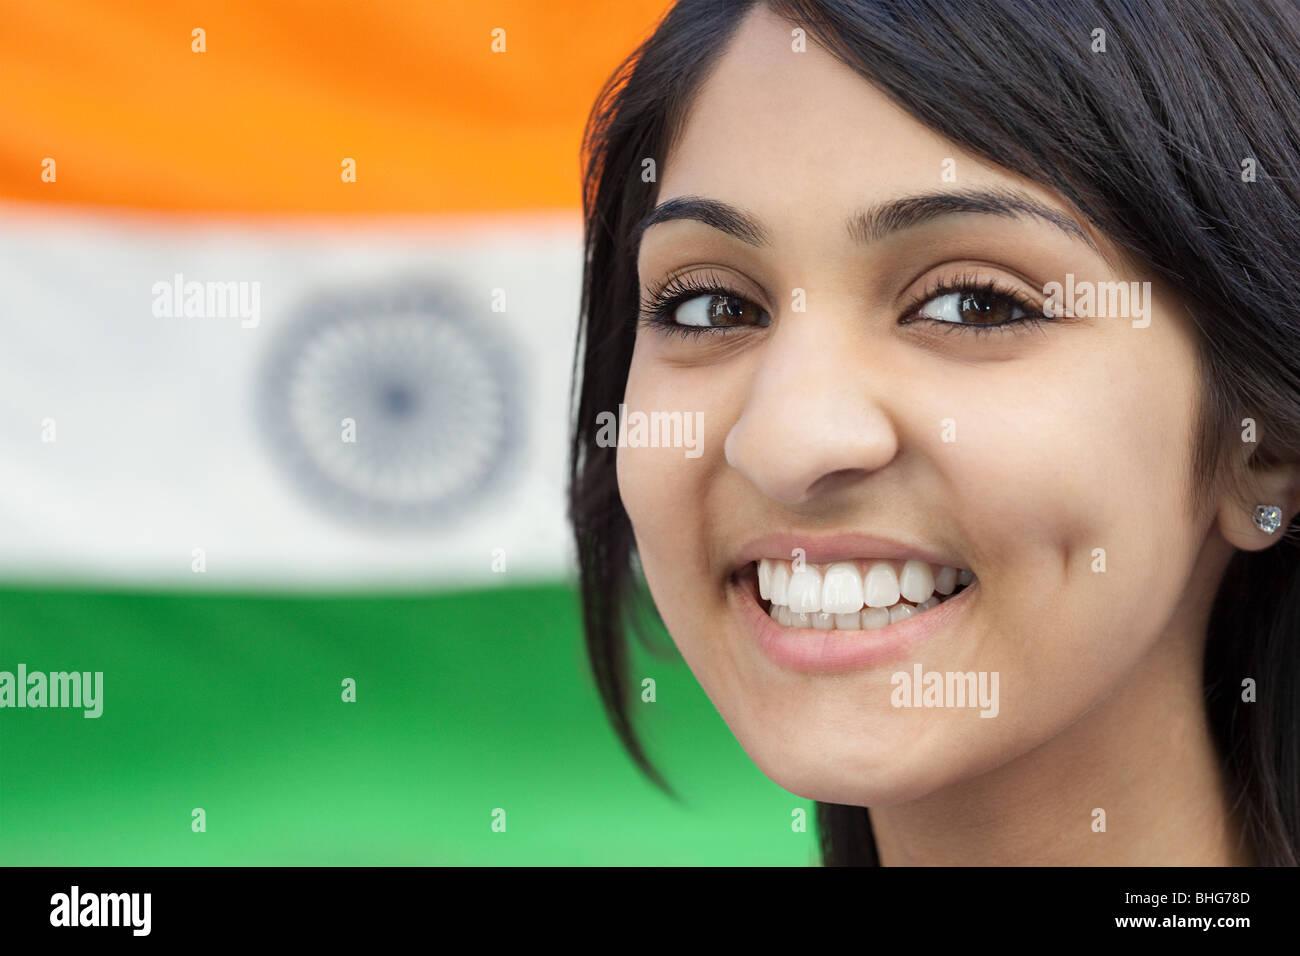 Teenager-Mädchen und indische Flagge Stockbild